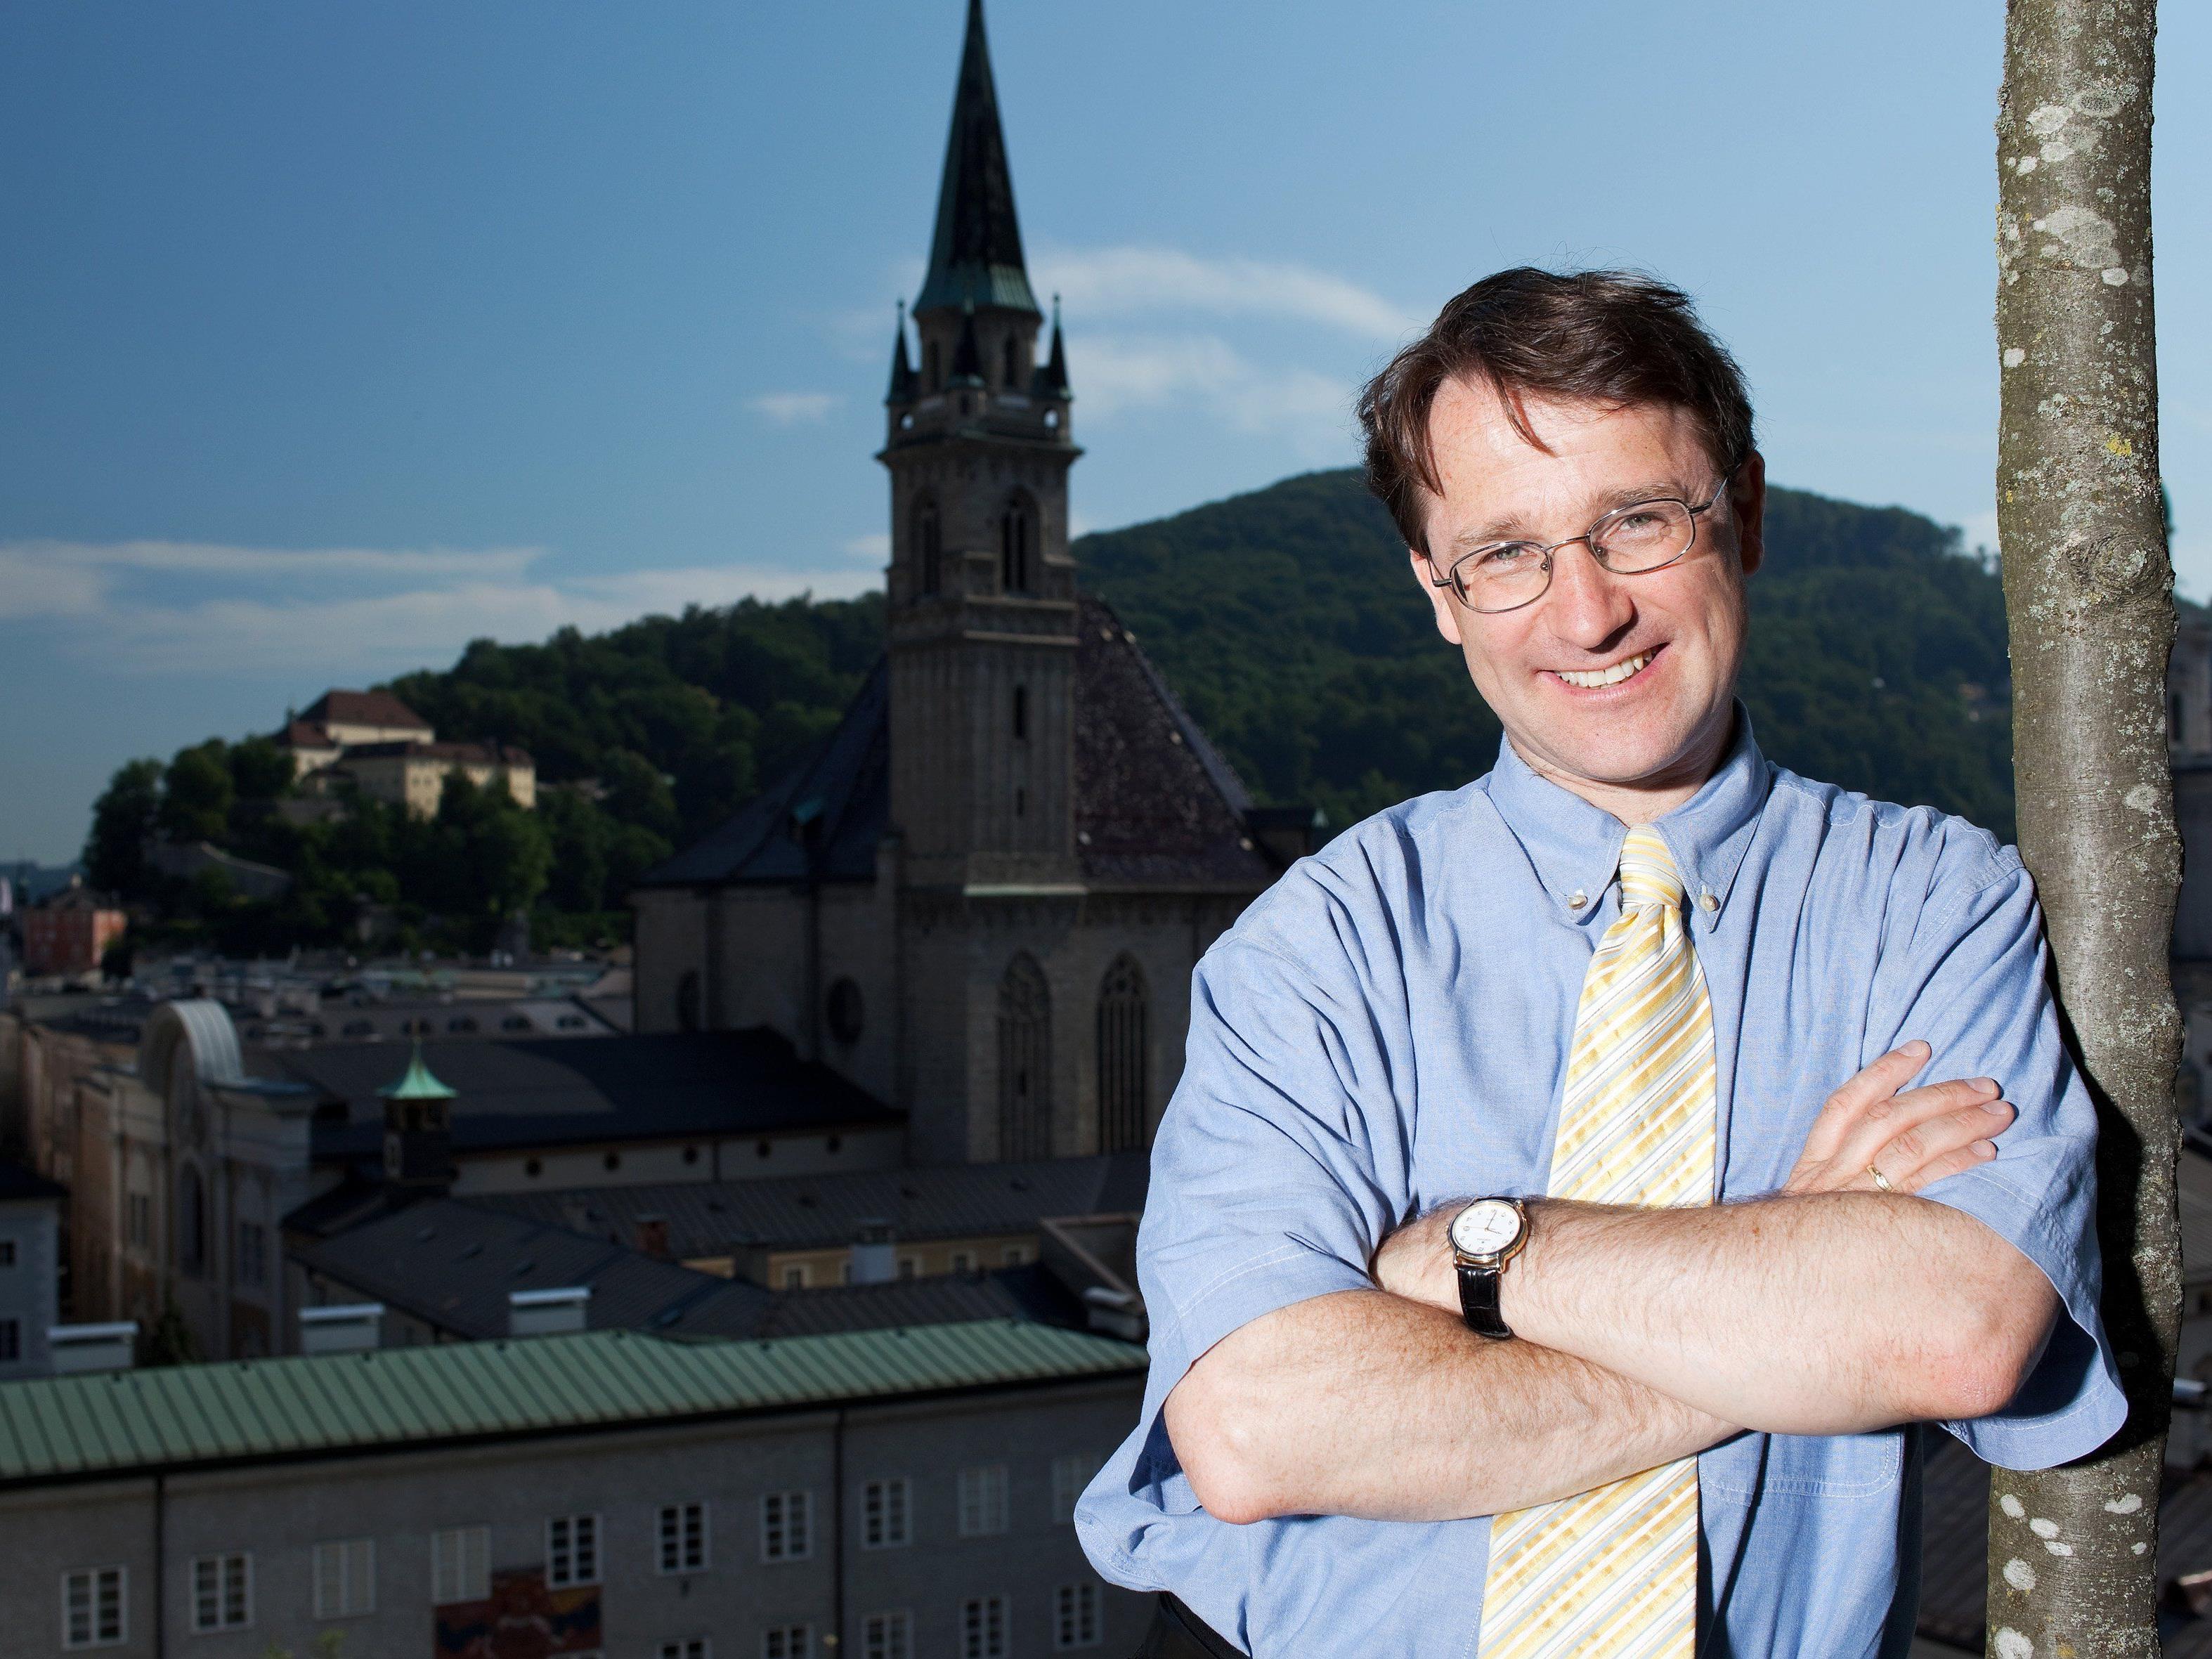 """Clemens Sedmak spricht am 6. Jänner über das Thema """"Rezepte für ein besseres Leben - Humanismus als Quelle für eine zukunftsfähige Gesellschaft."""""""